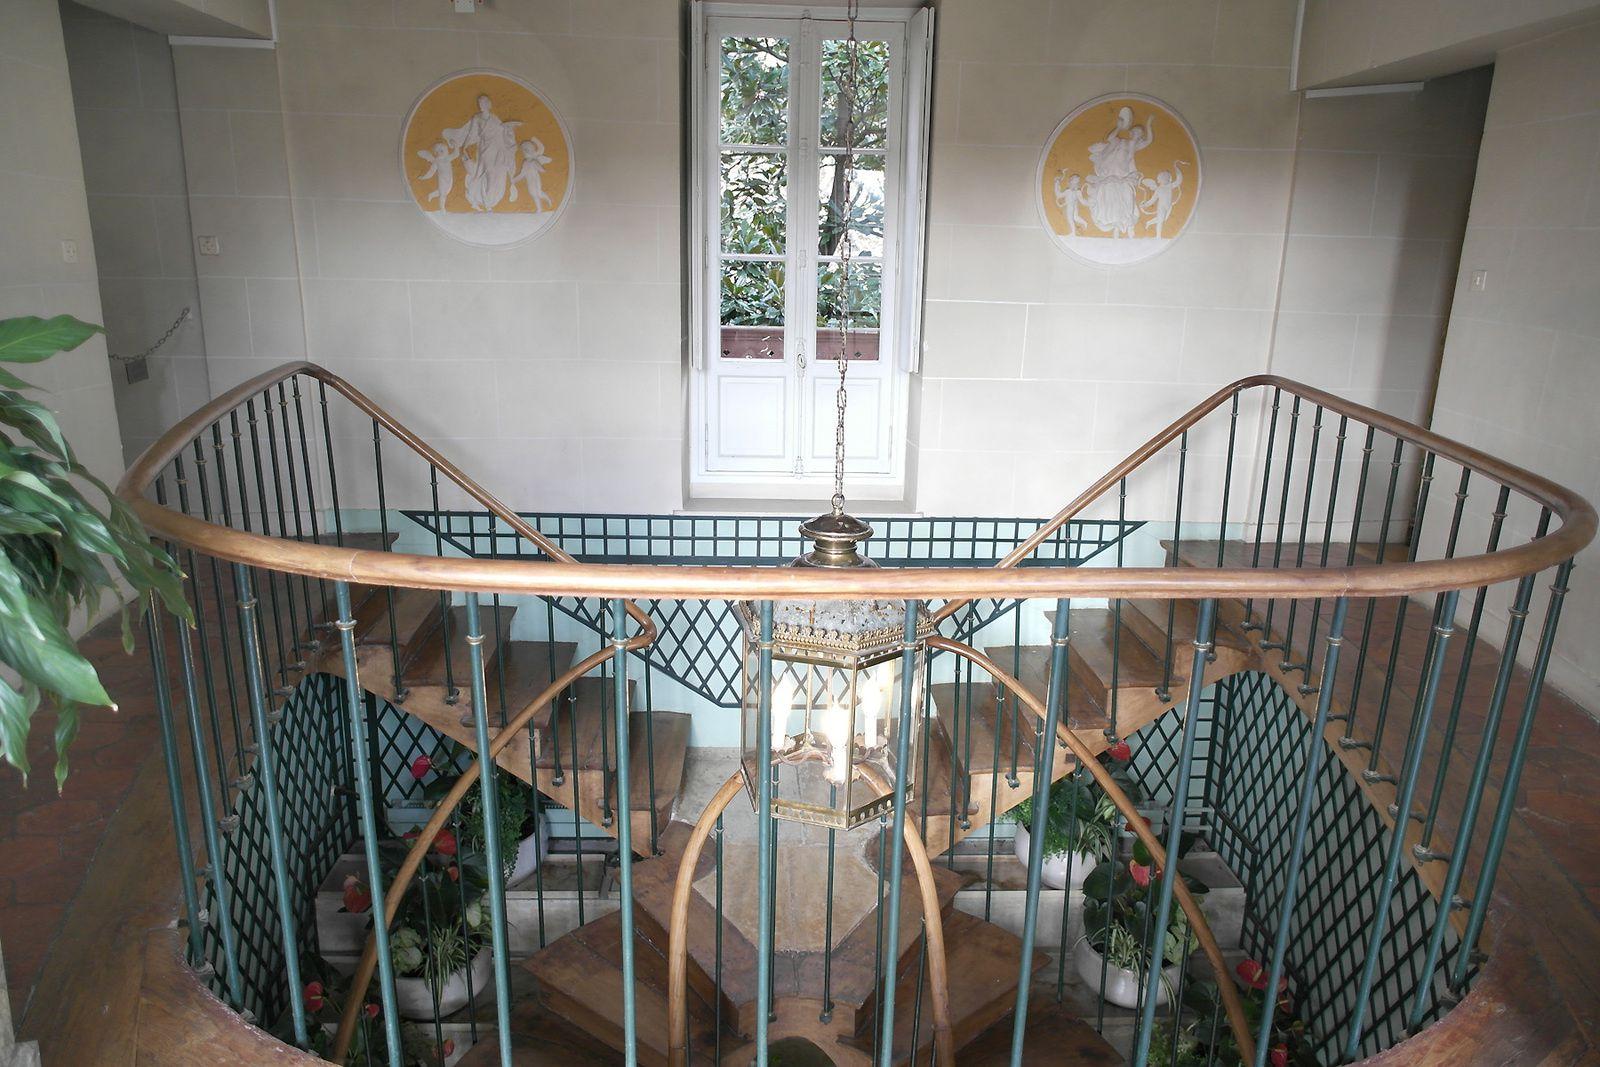 Le grand escalier, vu d'en haut